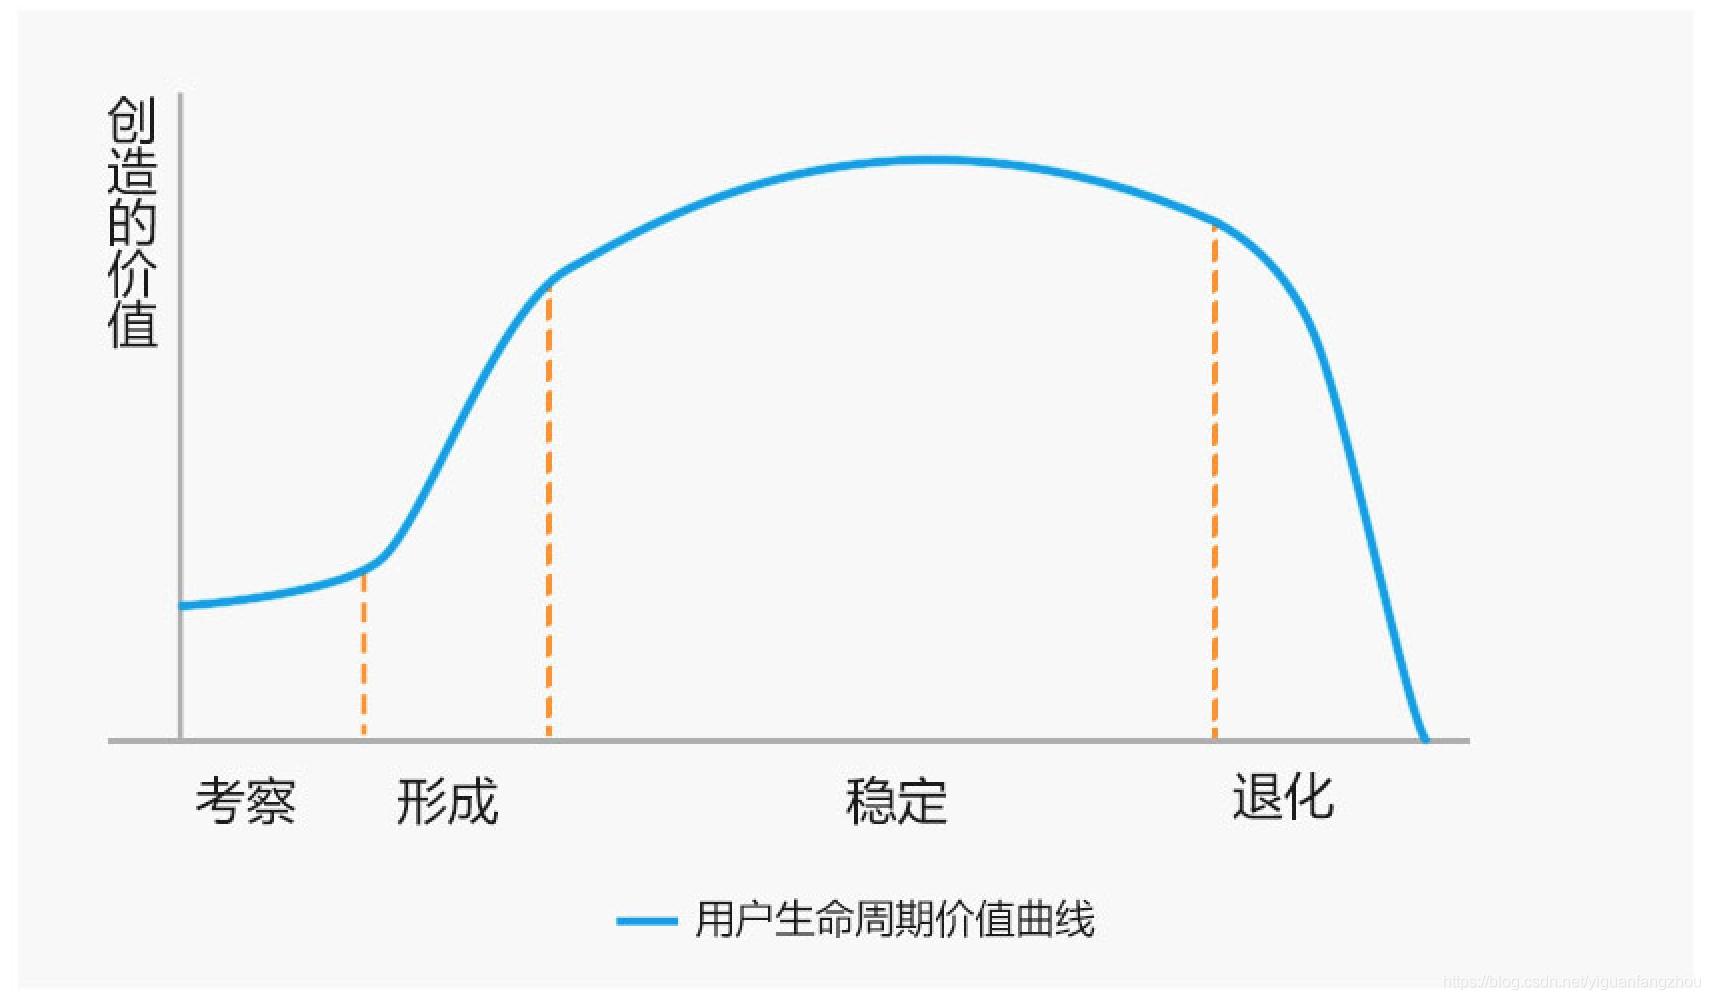 用户生命周期价值曲线